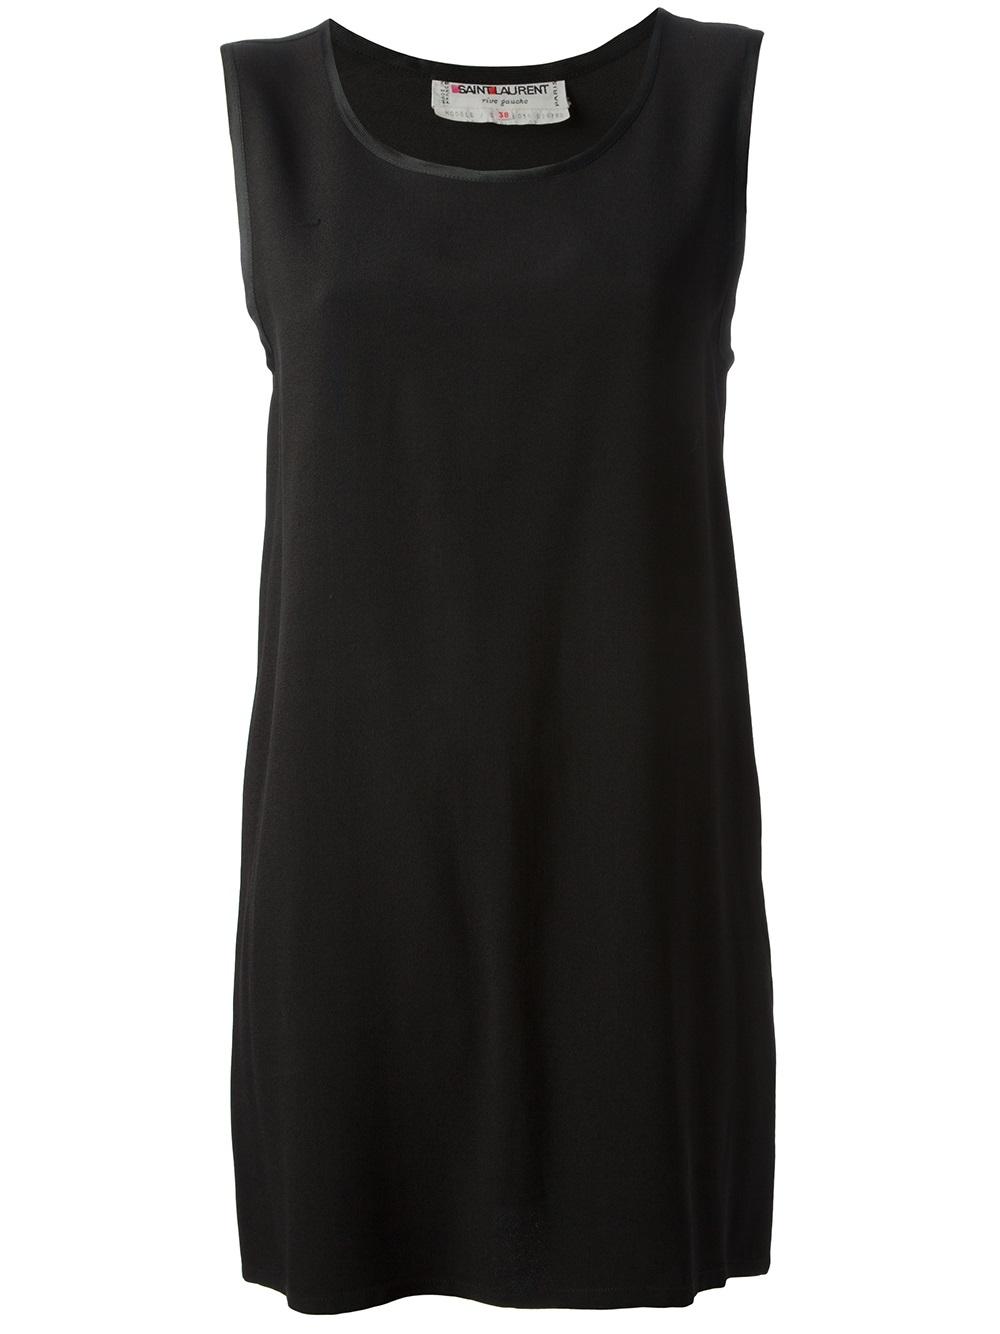 Yves Saint Laurent Vintage Sleeveless Shift Dress In Black